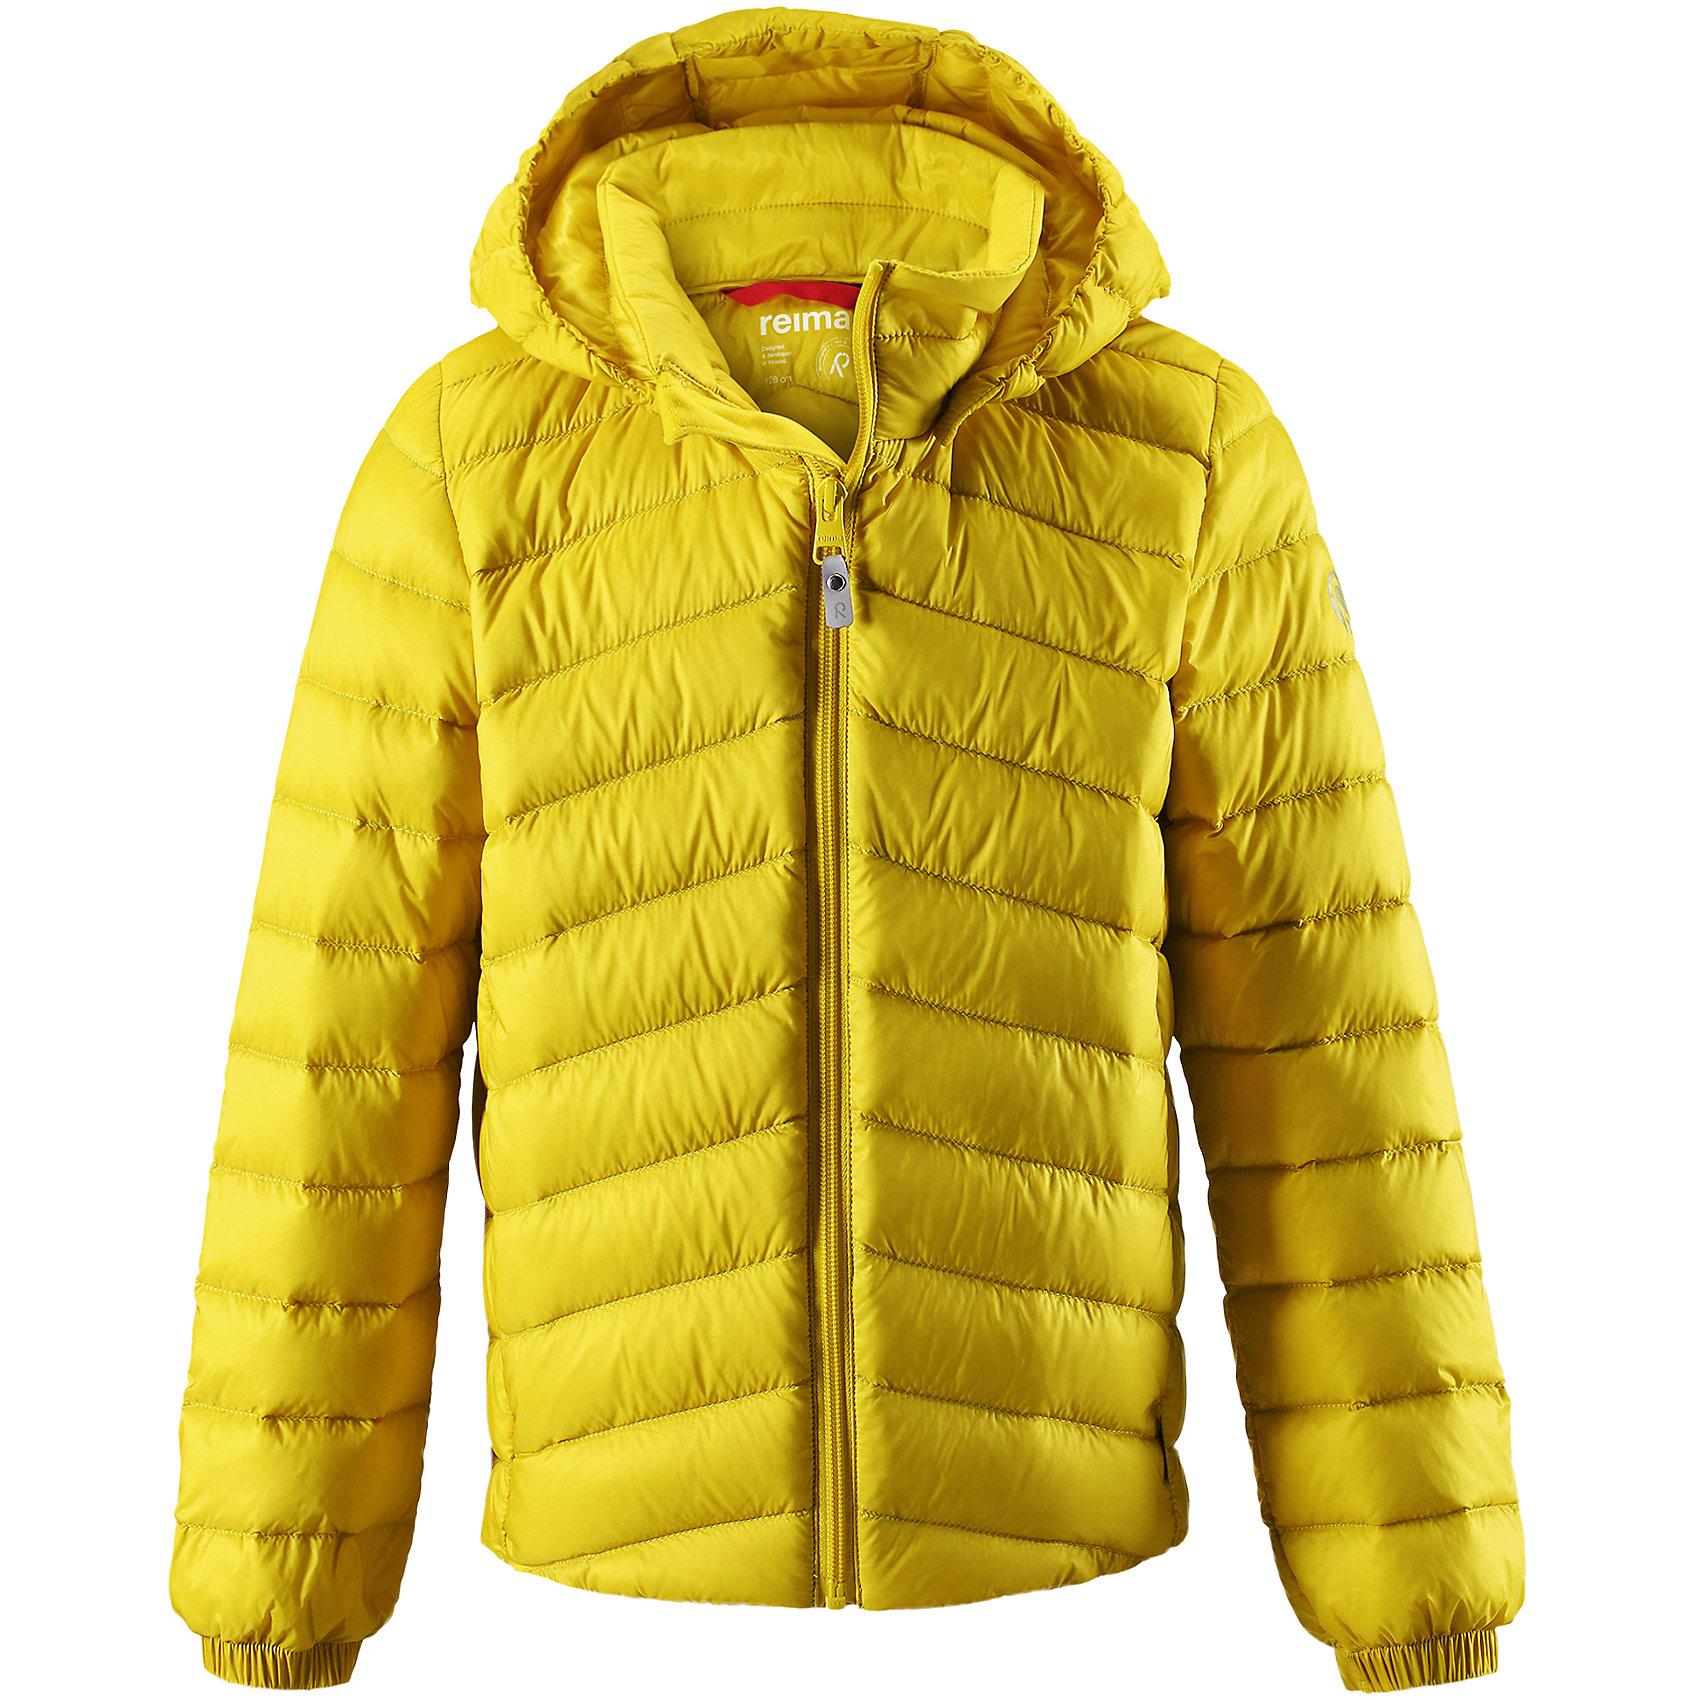 Куртка Reima Falk для мальчикаОдежда<br>Характеристики товара:<br><br>• цвет: желтый;<br>• состав: 100% полиамид;<br>• подкладка: 100% полиэстер;<br>• утеплитель: 80% пух, 20% перо;<br>• сезон: зима;<br>• температурный режим: от 0 до -20С;<br>• воздухопроницаемость: 3000 мм;<br>• пуховая куртка для подростков;<br>• водоотталкивающий, ветронепроницаемый дышащий и грязеотталкивающий материал;<br>• гладкая подкладка из полиэстера;<br>• безопасный, съемный капюшон;<br>• эластичные манжеты;<br>• два боковых кармана;<br>• куртку можно хранить в специальной сумке, которая идет в комплекте;<br>• светоотражающие детали;<br>• страна бренда: Финляндия;<br>• страна изготовитель: Китай.<br><br>Куртка-пуховик для подростков сшита из водоотталкивающего, ветронепроницаемого и дышащего материала. Благодаря гладкому материалу подкладки, куртка легко надевается, а удобная двусторонняя молния превратит одевание в веселую игру. . Эластичный край подола и поясок на спинке придают этой стильной удлиненной куртке красивый силуэт. <br><br>Куртка снабжена безопасным съемным капюшоном. Обратите внимание на удобную петельку, спрятанную в кармане с клапаном – к ней можно прикрепить любимый светоотражатель ребенка для обеспечения лучшей видимости. В комплекте с курткой идет отдельная сумка для ее хранения. Роскошная, модная, легкая и теплая куртка станет отличным вариантом и для игр во дворе, и для прогулок по городу.<br><br>Куртку Falk для мальчика Reima от финского бренда Reima (Рейма) можно купить в нашем интернет-магазине.<br><br>Ширина мм: 356<br>Глубина мм: 10<br>Высота мм: 245<br>Вес г: 519<br>Цвет: желтый<br>Возраст от месяцев: 156<br>Возраст до месяцев: 168<br>Пол: Мужской<br>Возраст: Детский<br>Размер: 164,104,110,116,122,128,134,140,146,152,158<br>SKU: 6902956